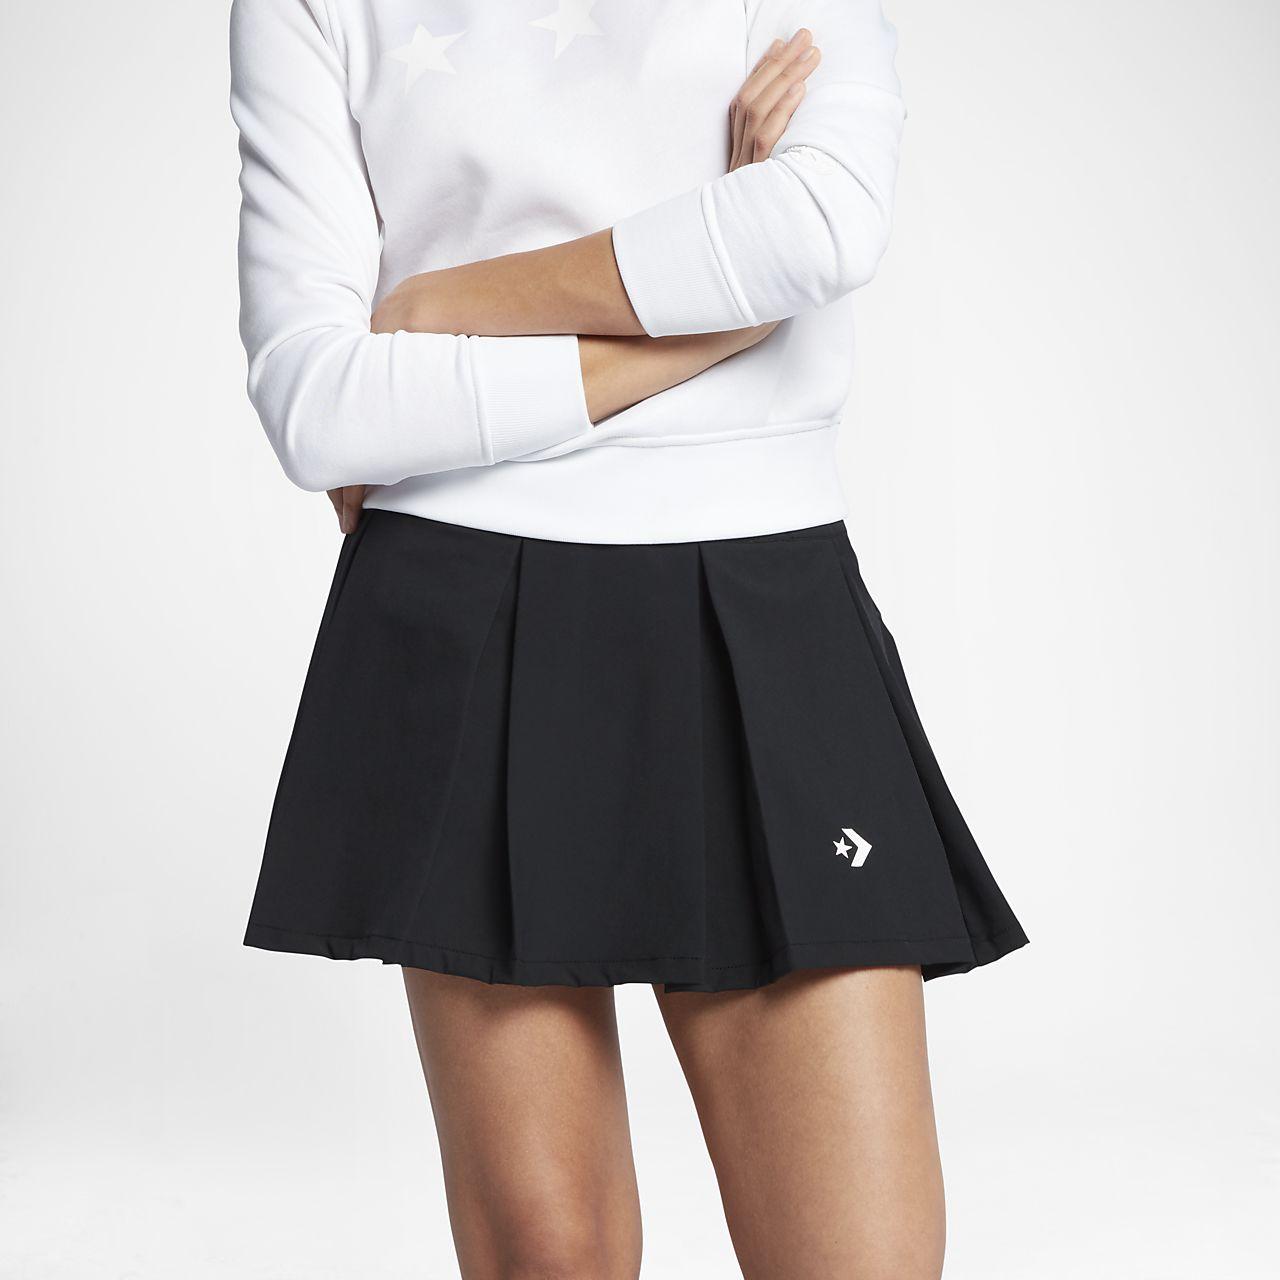 Converse Tennis Women's Skirt